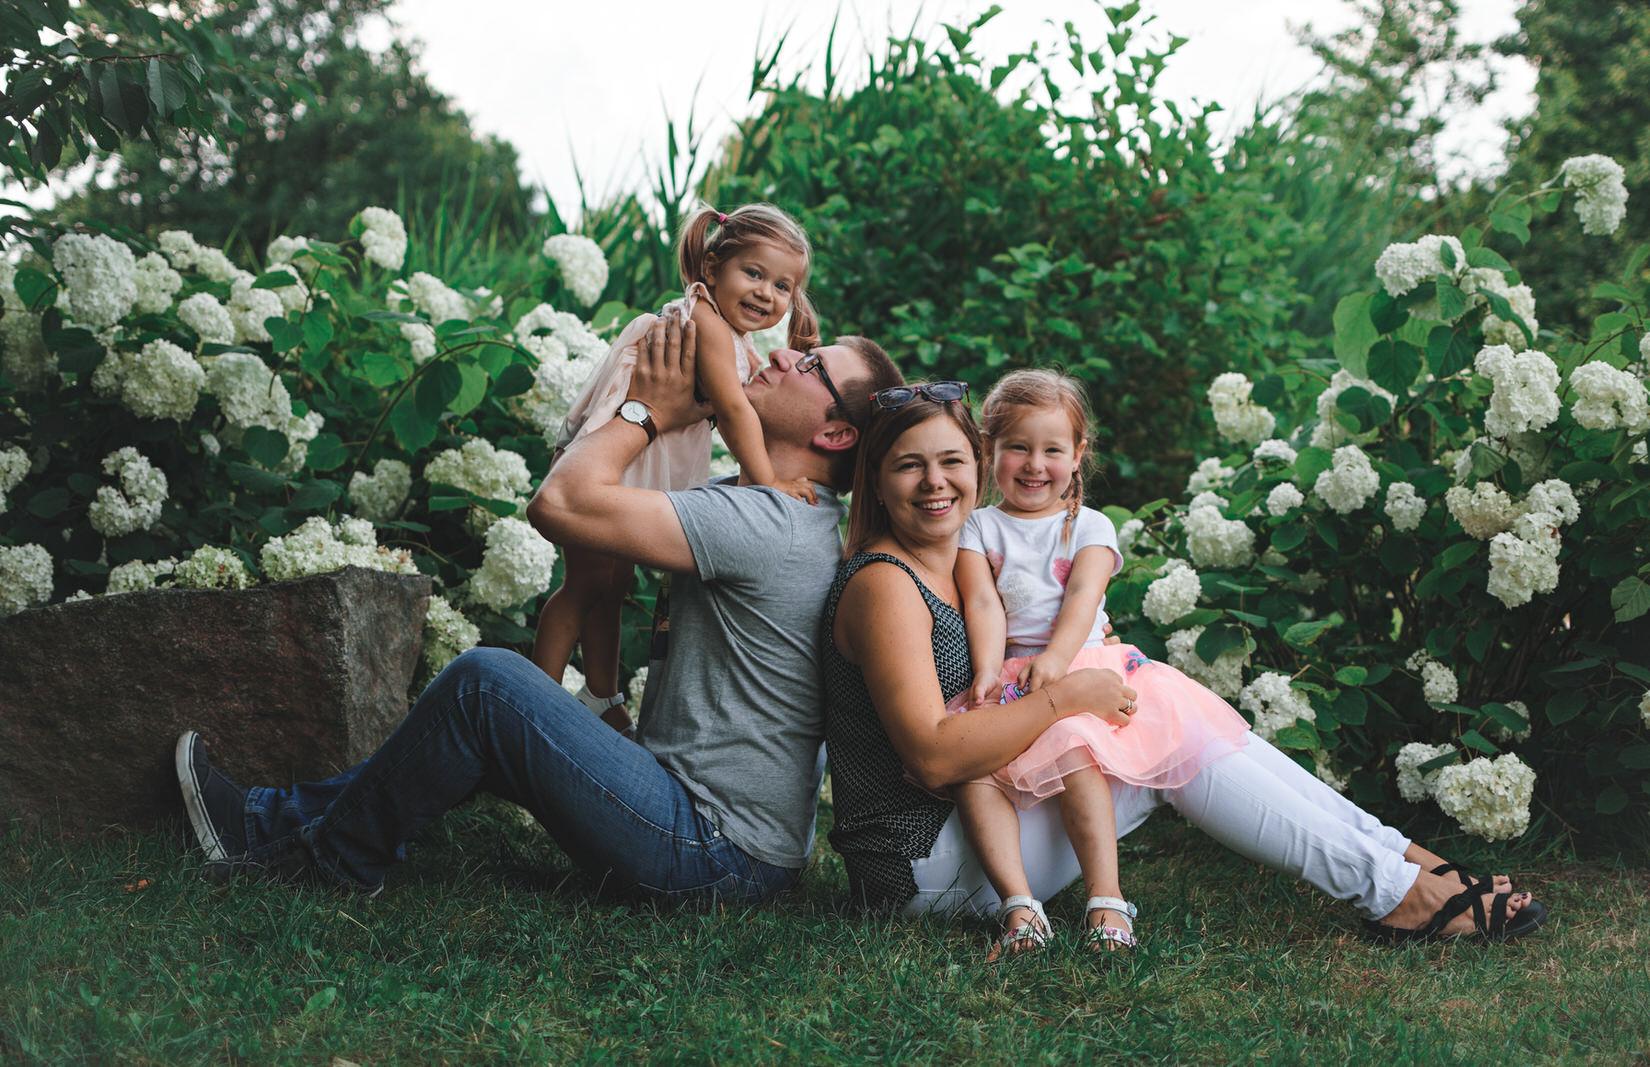 fotograf rodzinny polecam